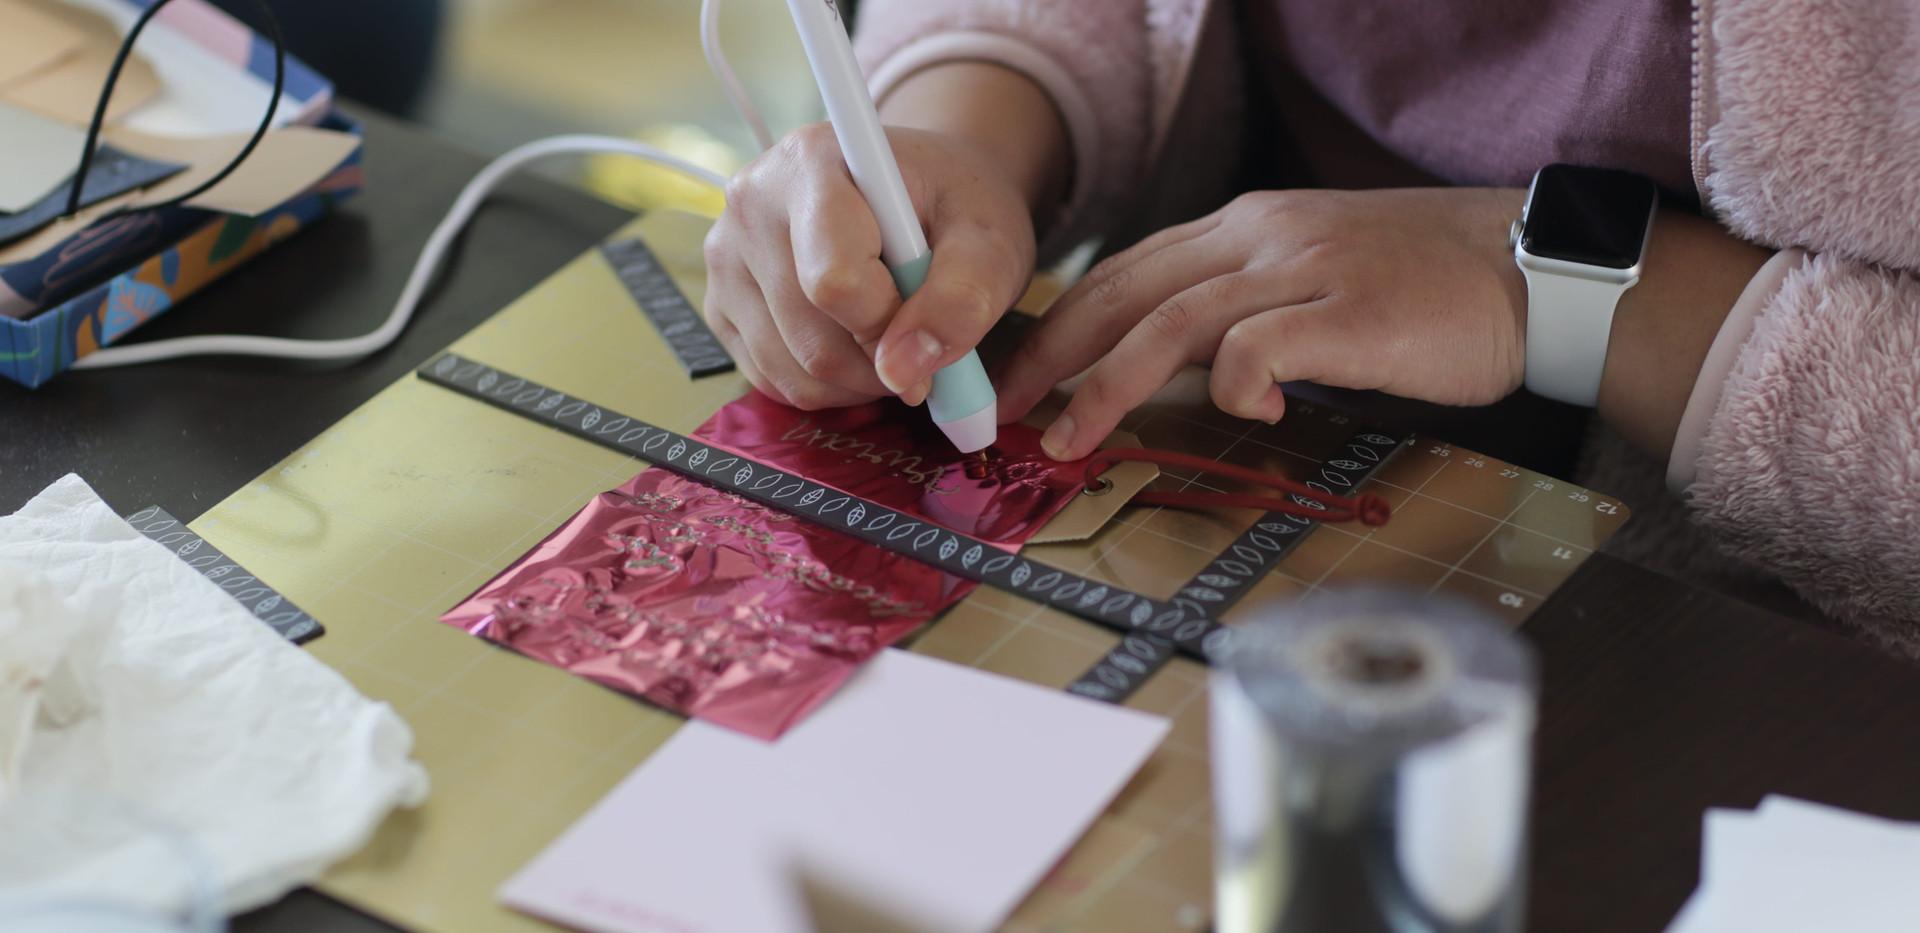 hot-foiling-workshop.JPG